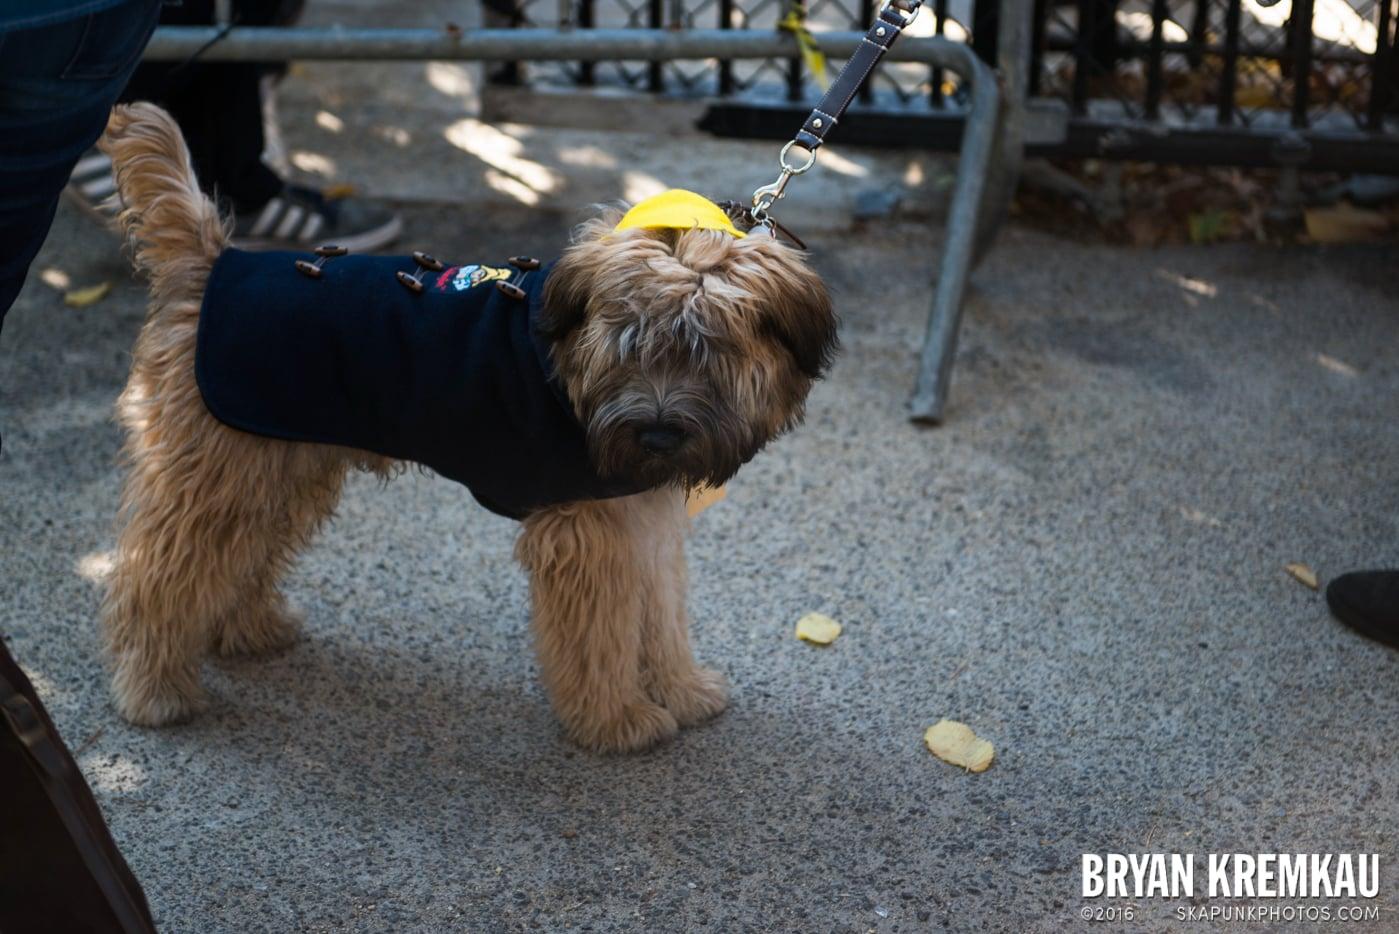 Tompkins Square Halloween Dog Parade 2013 @ Tompkins Square Park, NYC - 10.26.13 (72)